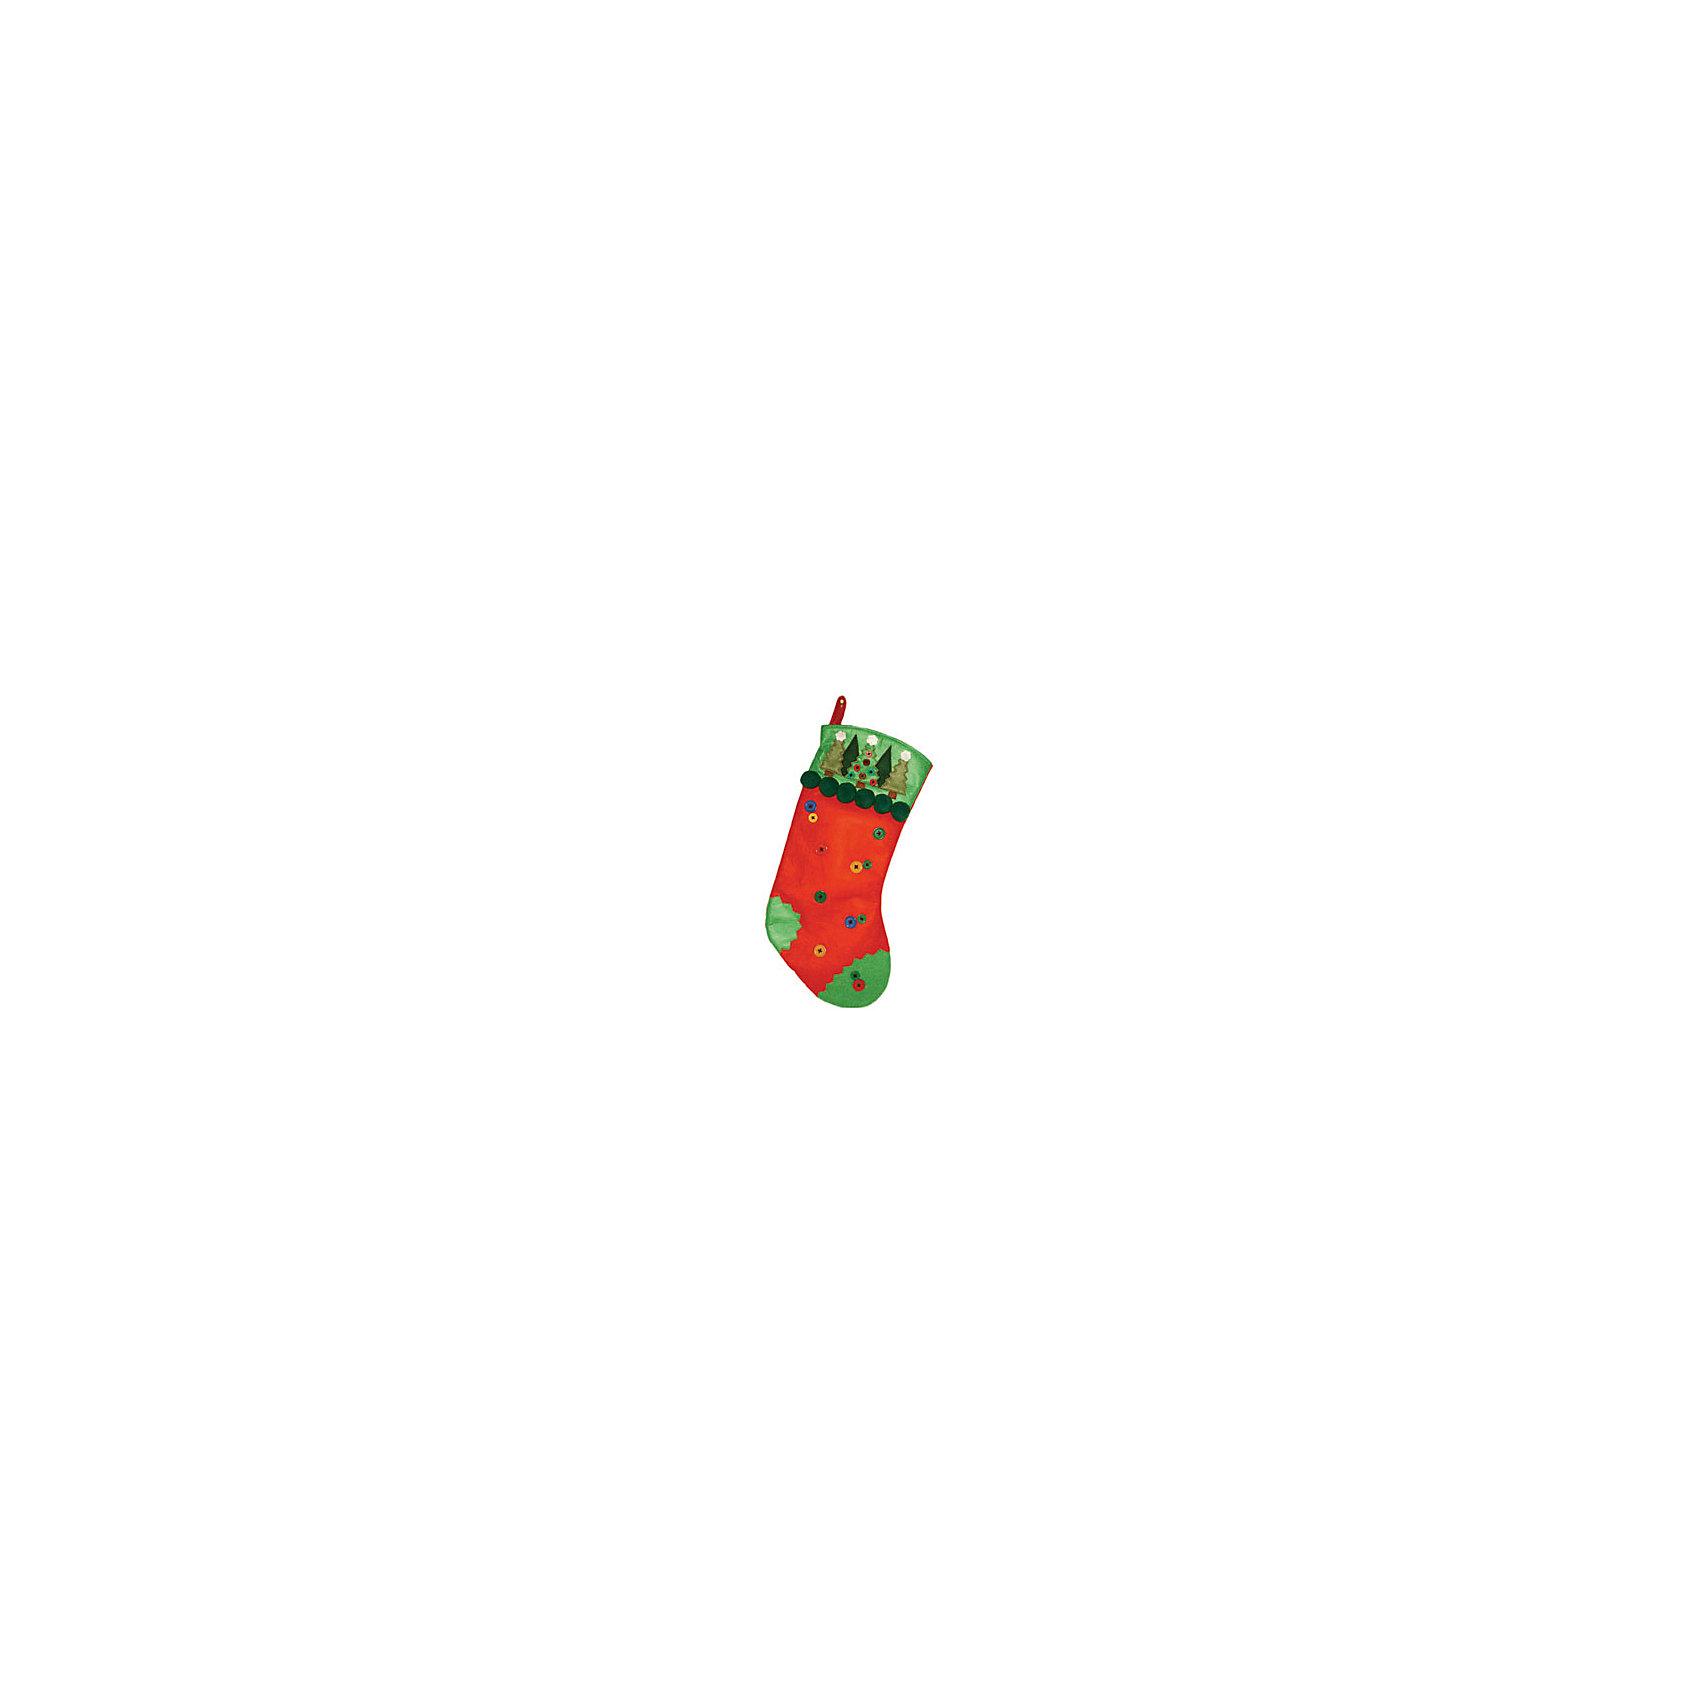 Новогодний носок, высота 46 смВсё для праздника<br>Новогоднее подвесное украшение Гольф с изображением елки 46 см арт.15504<br><br>Ширина мм: 490<br>Глубина мм: 40<br>Высота мм: 280<br>Вес г: 83<br>Возраст от месяцев: 60<br>Возраст до месяцев: 600<br>Пол: Унисекс<br>Возраст: Детский<br>SKU: 5144617